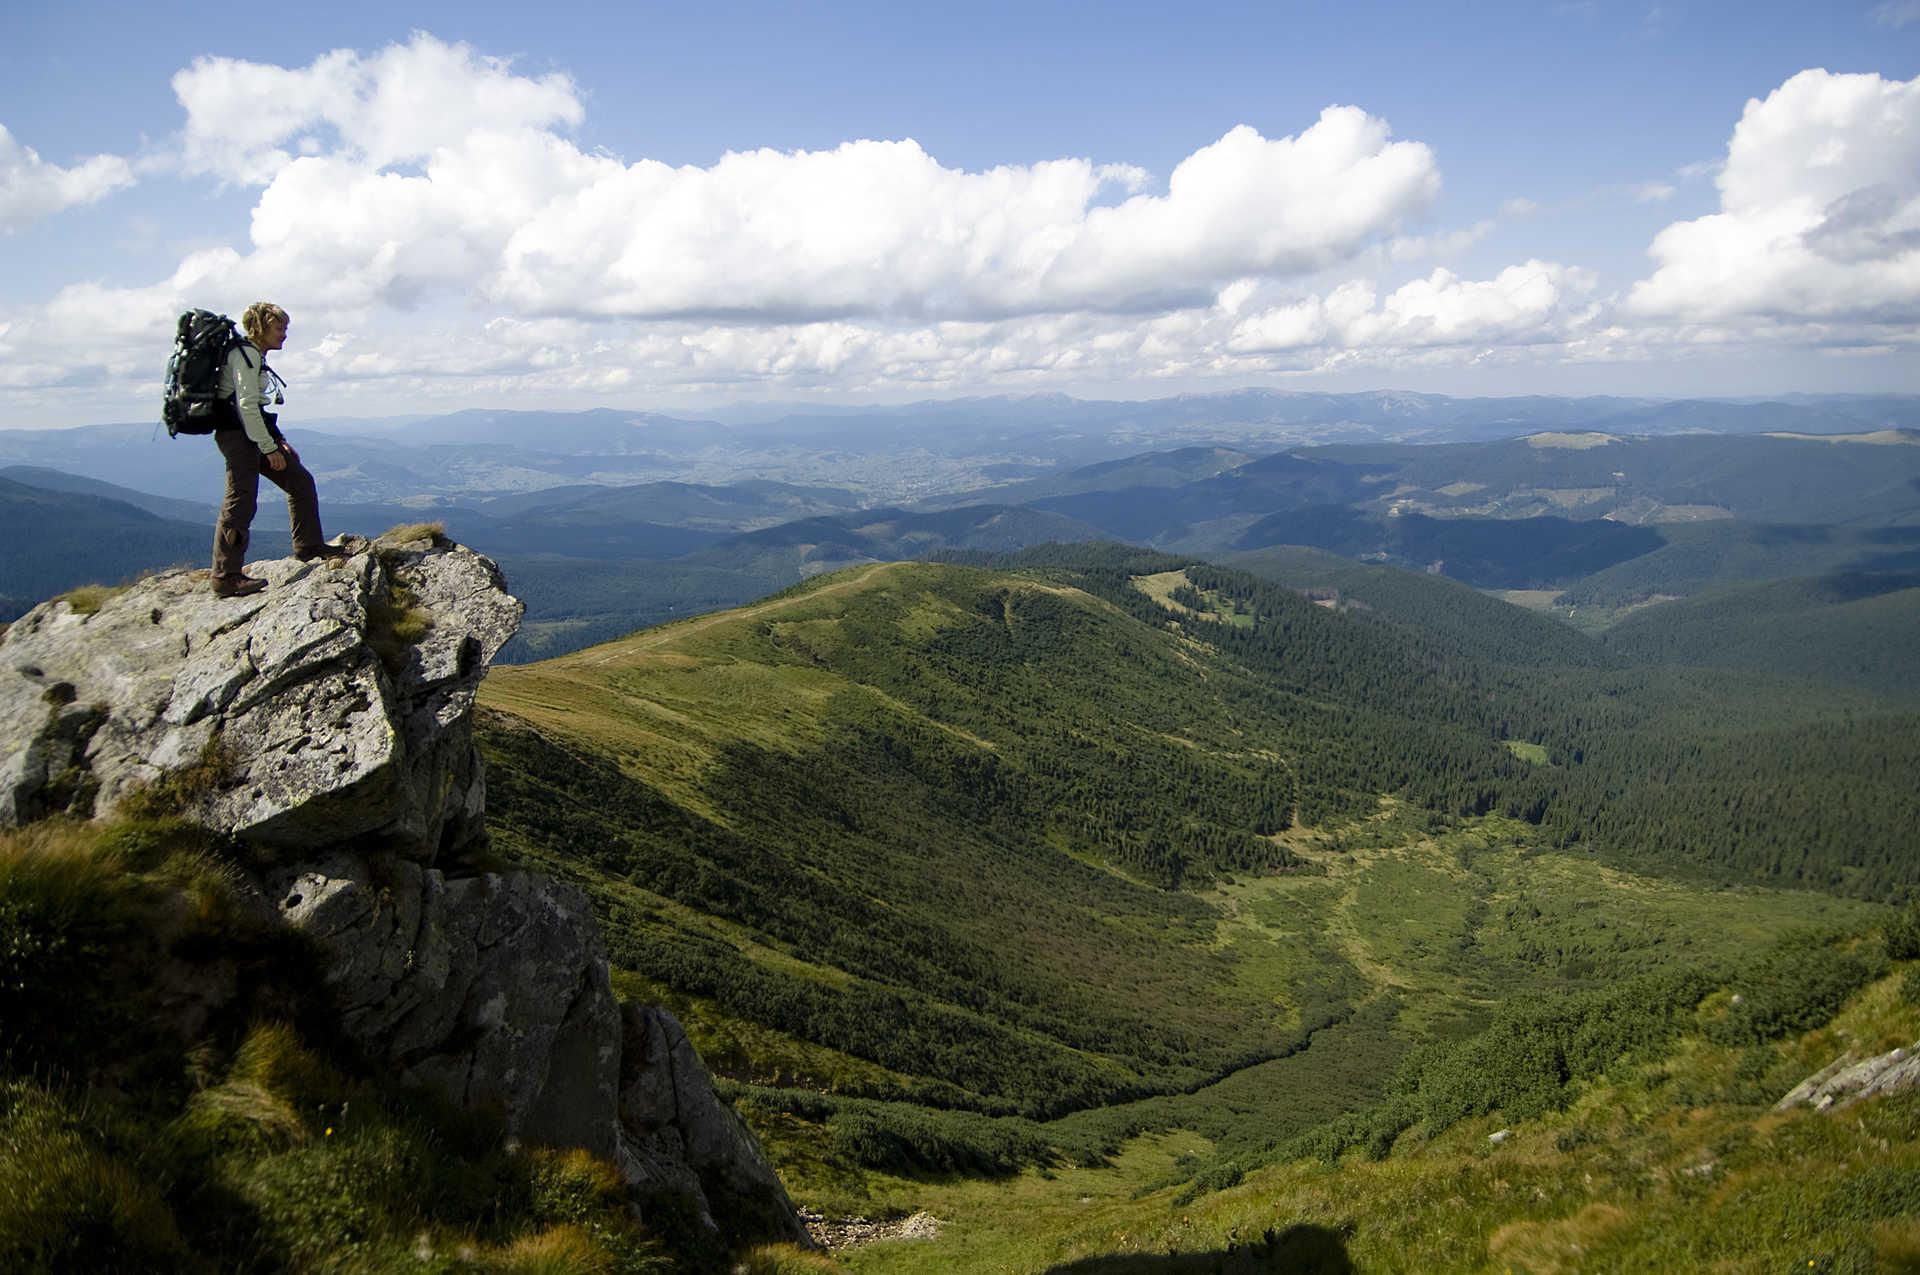 Randonnée dans les Carpates ukrainiennes